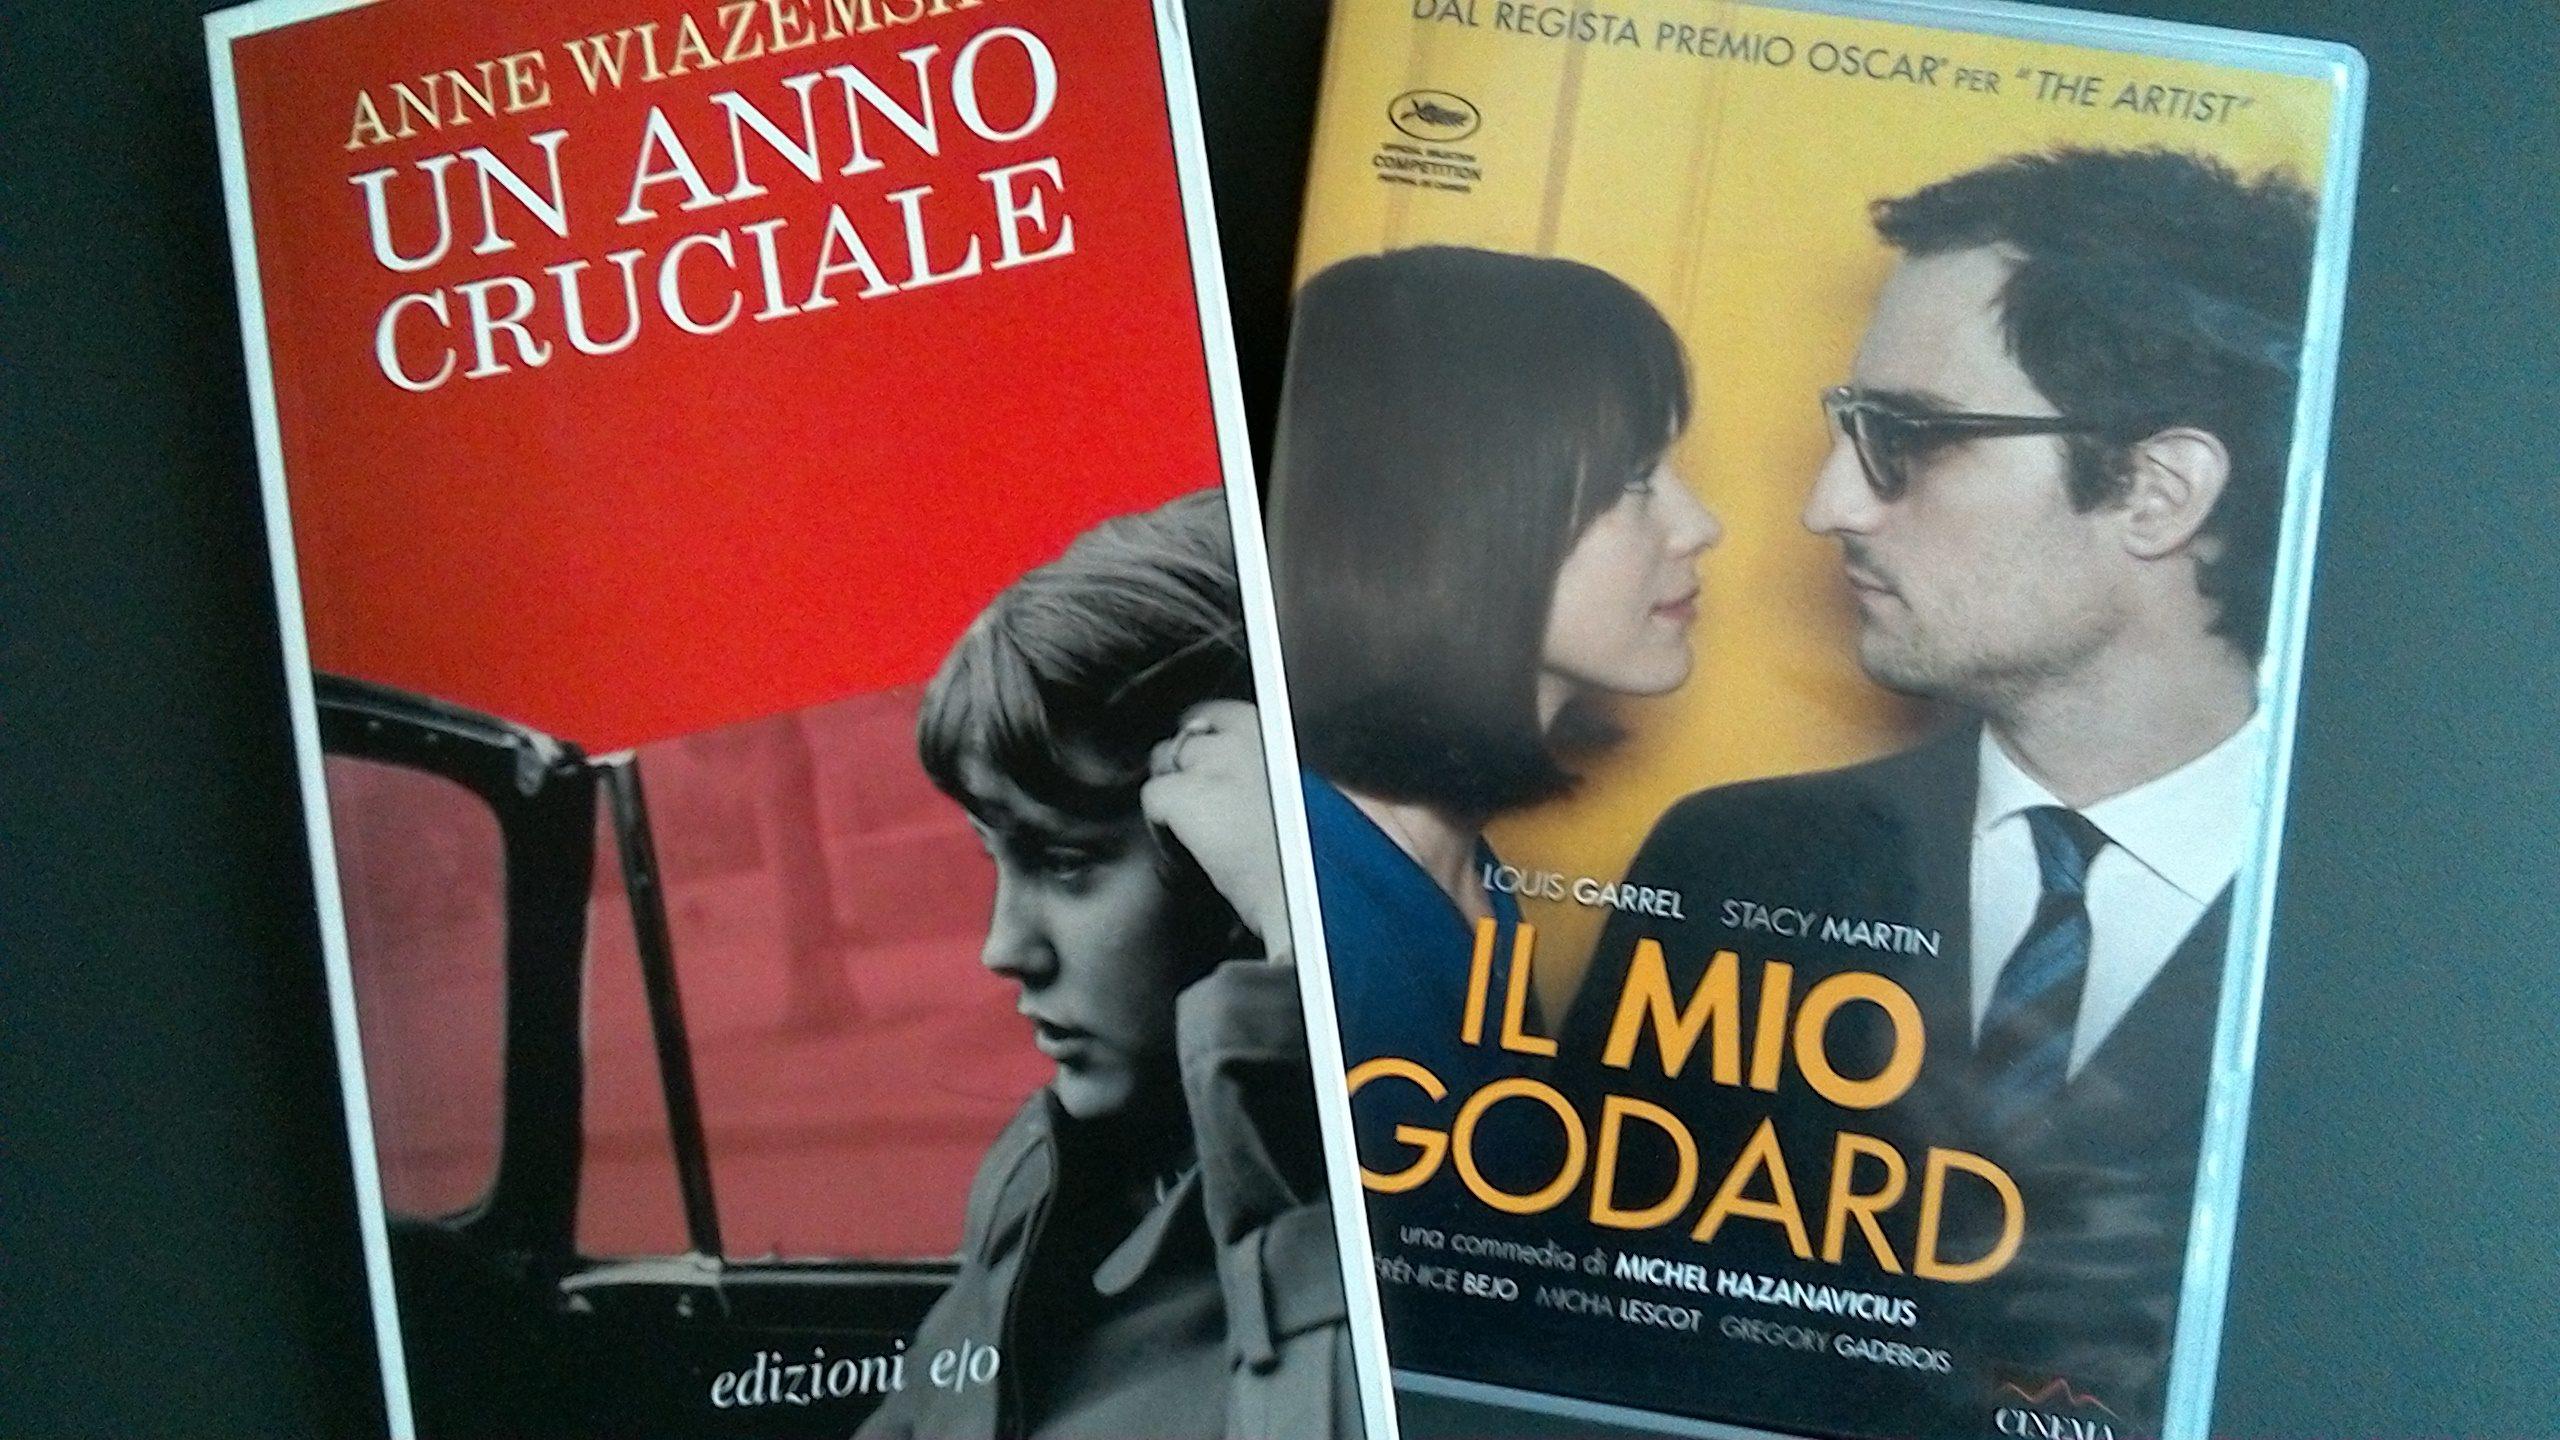 Un libro, un film: Un anno cruciale-Il mio Godard sabato 6 ottobre